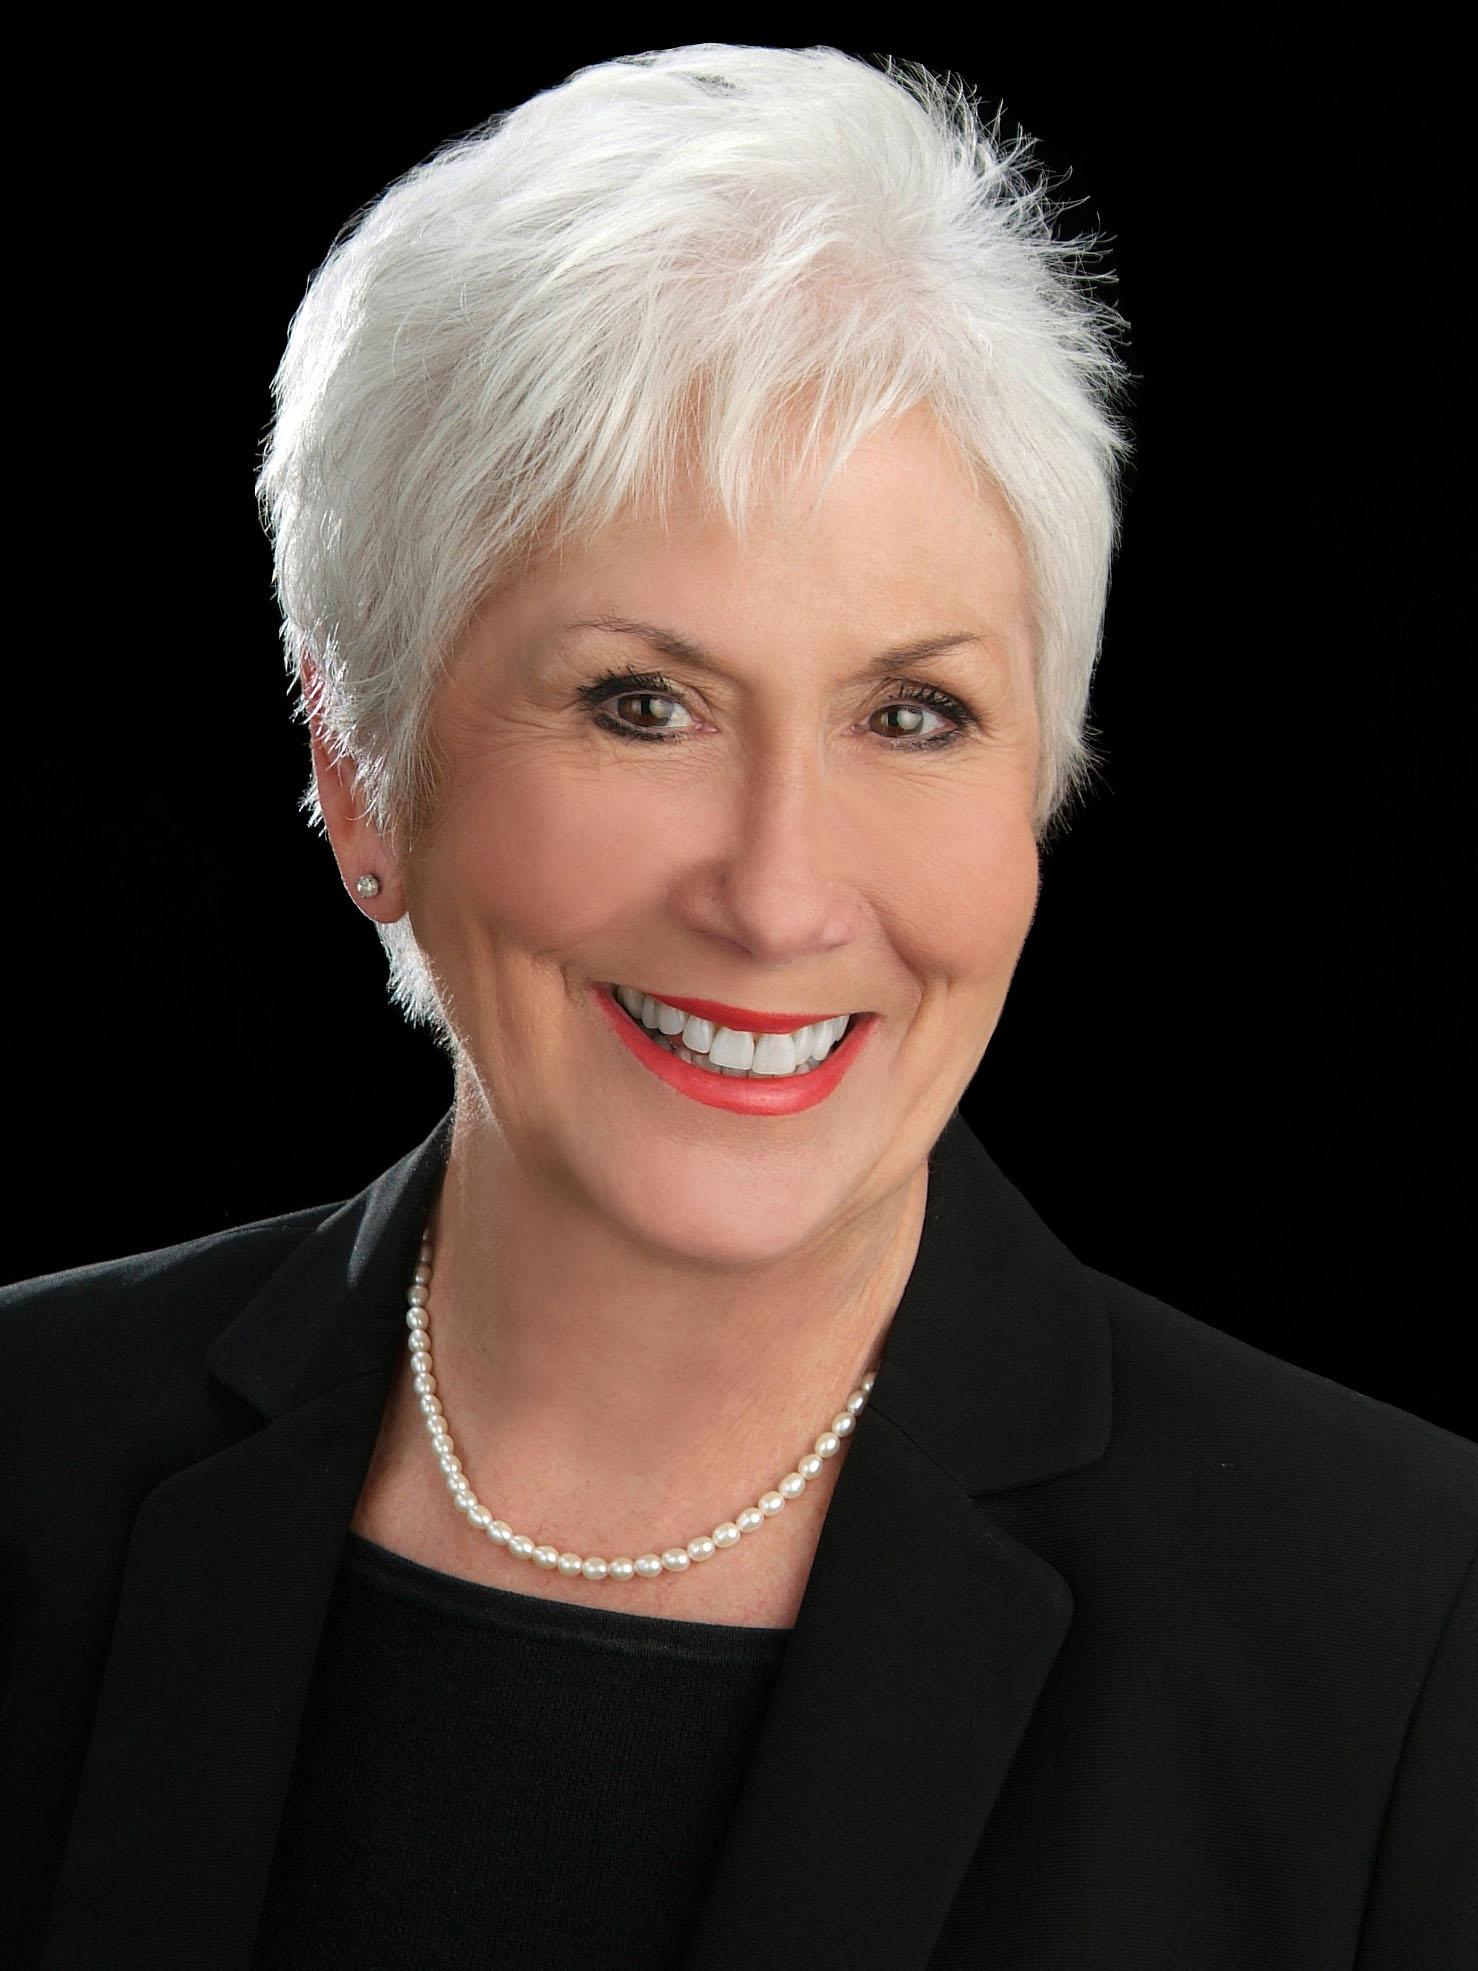 Susan Jones Agents And Managers Jbgoodwin Realtors 174